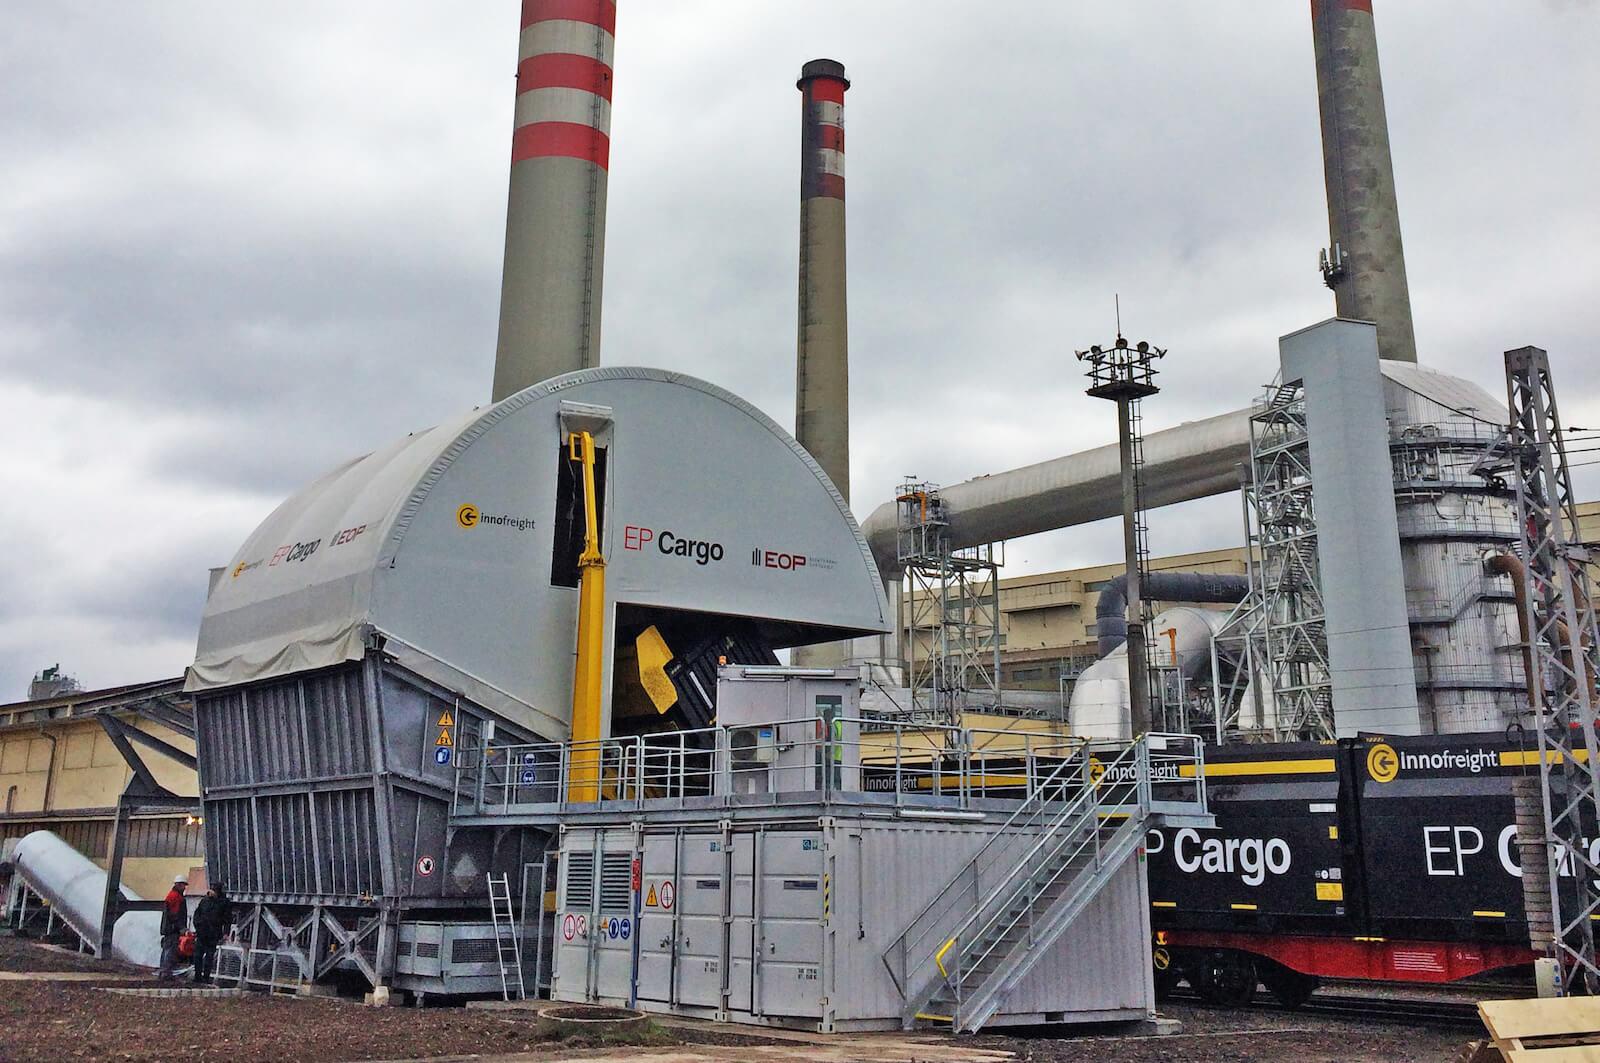 Erfolgreicher Start der Braunkohle-Transporte für EP Cargo ...